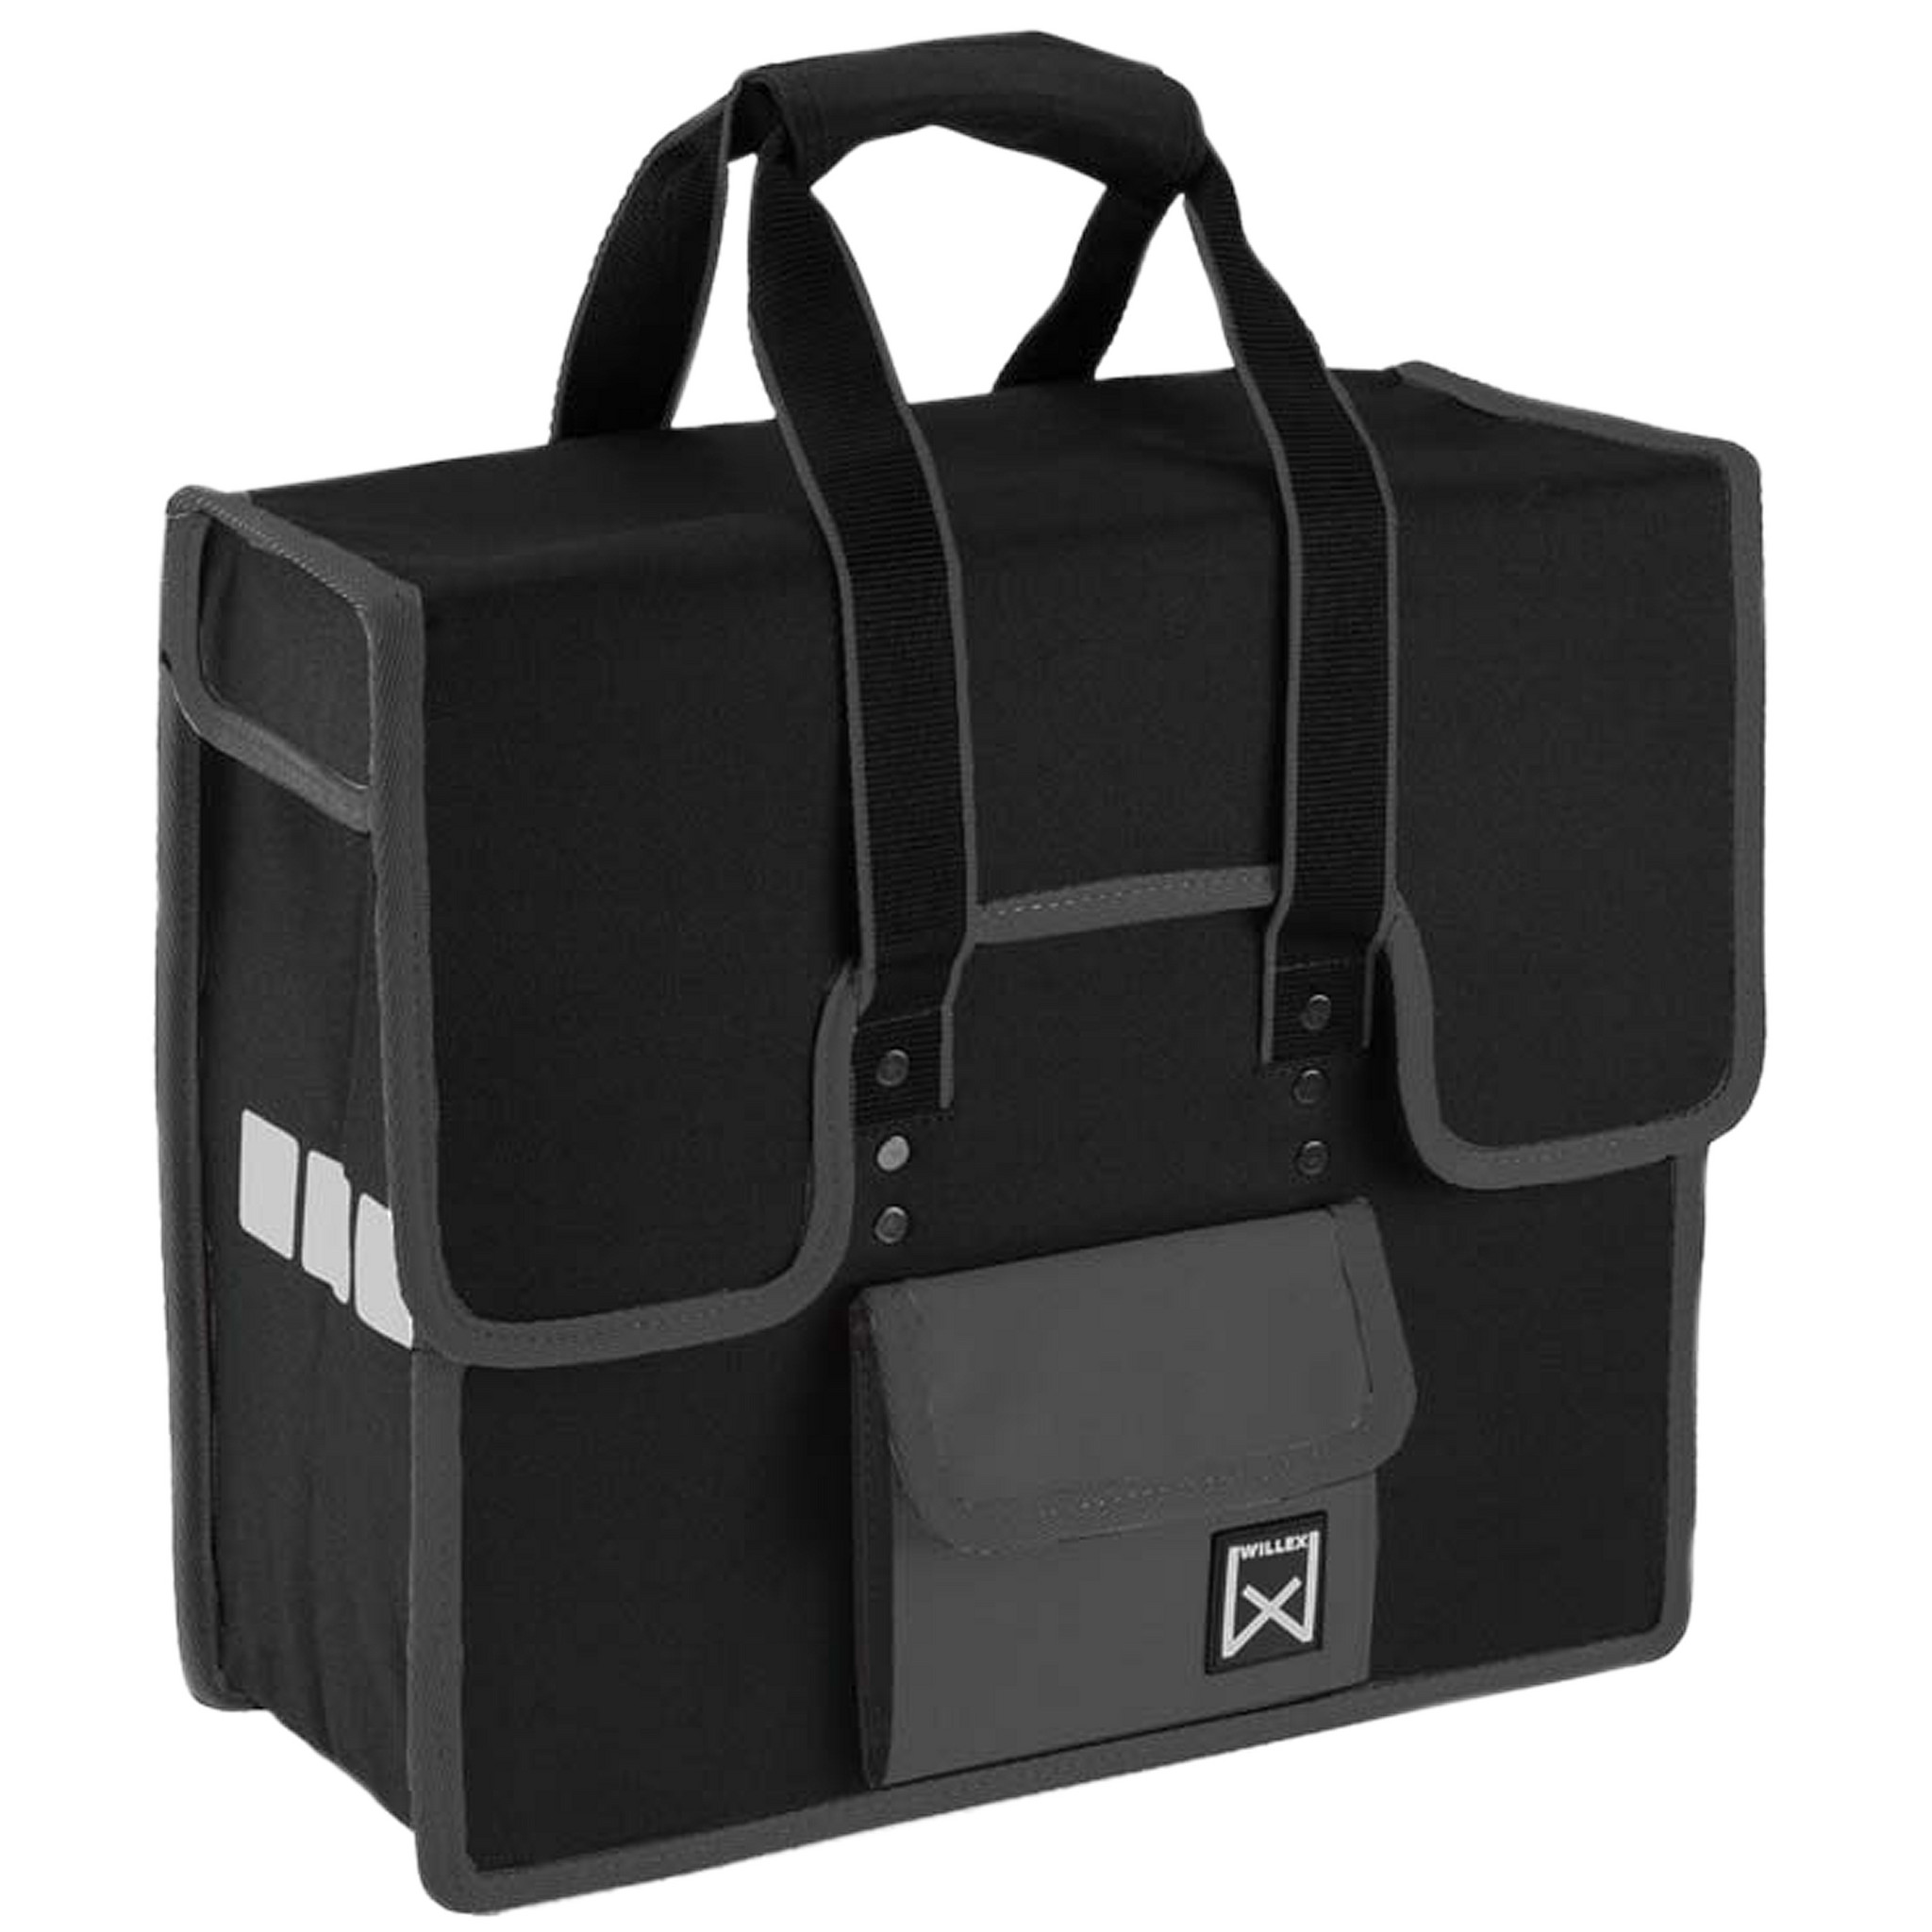 Willex Shopper zwart-grijs 10102